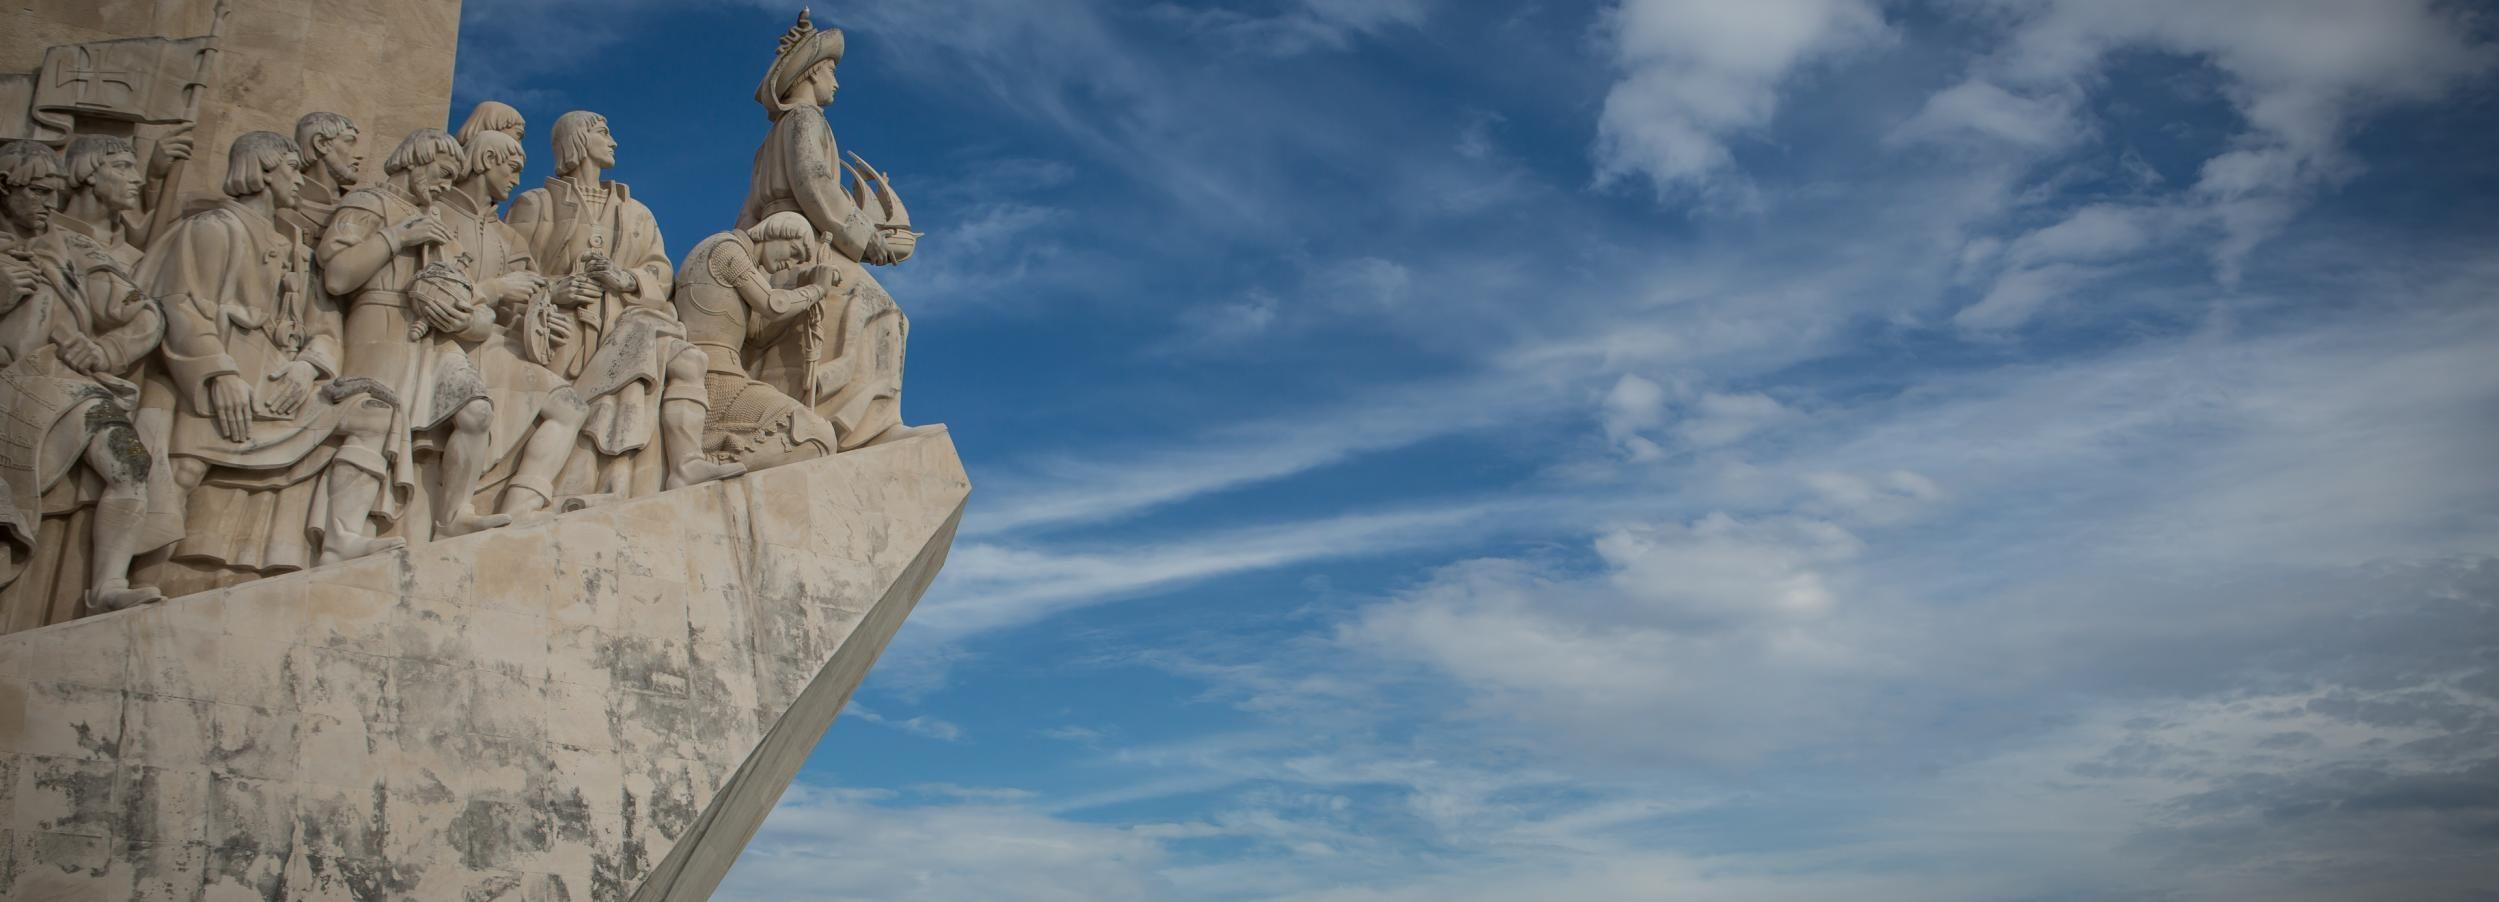 Lisboa: a excursão a pé pela cidade das sete colinas